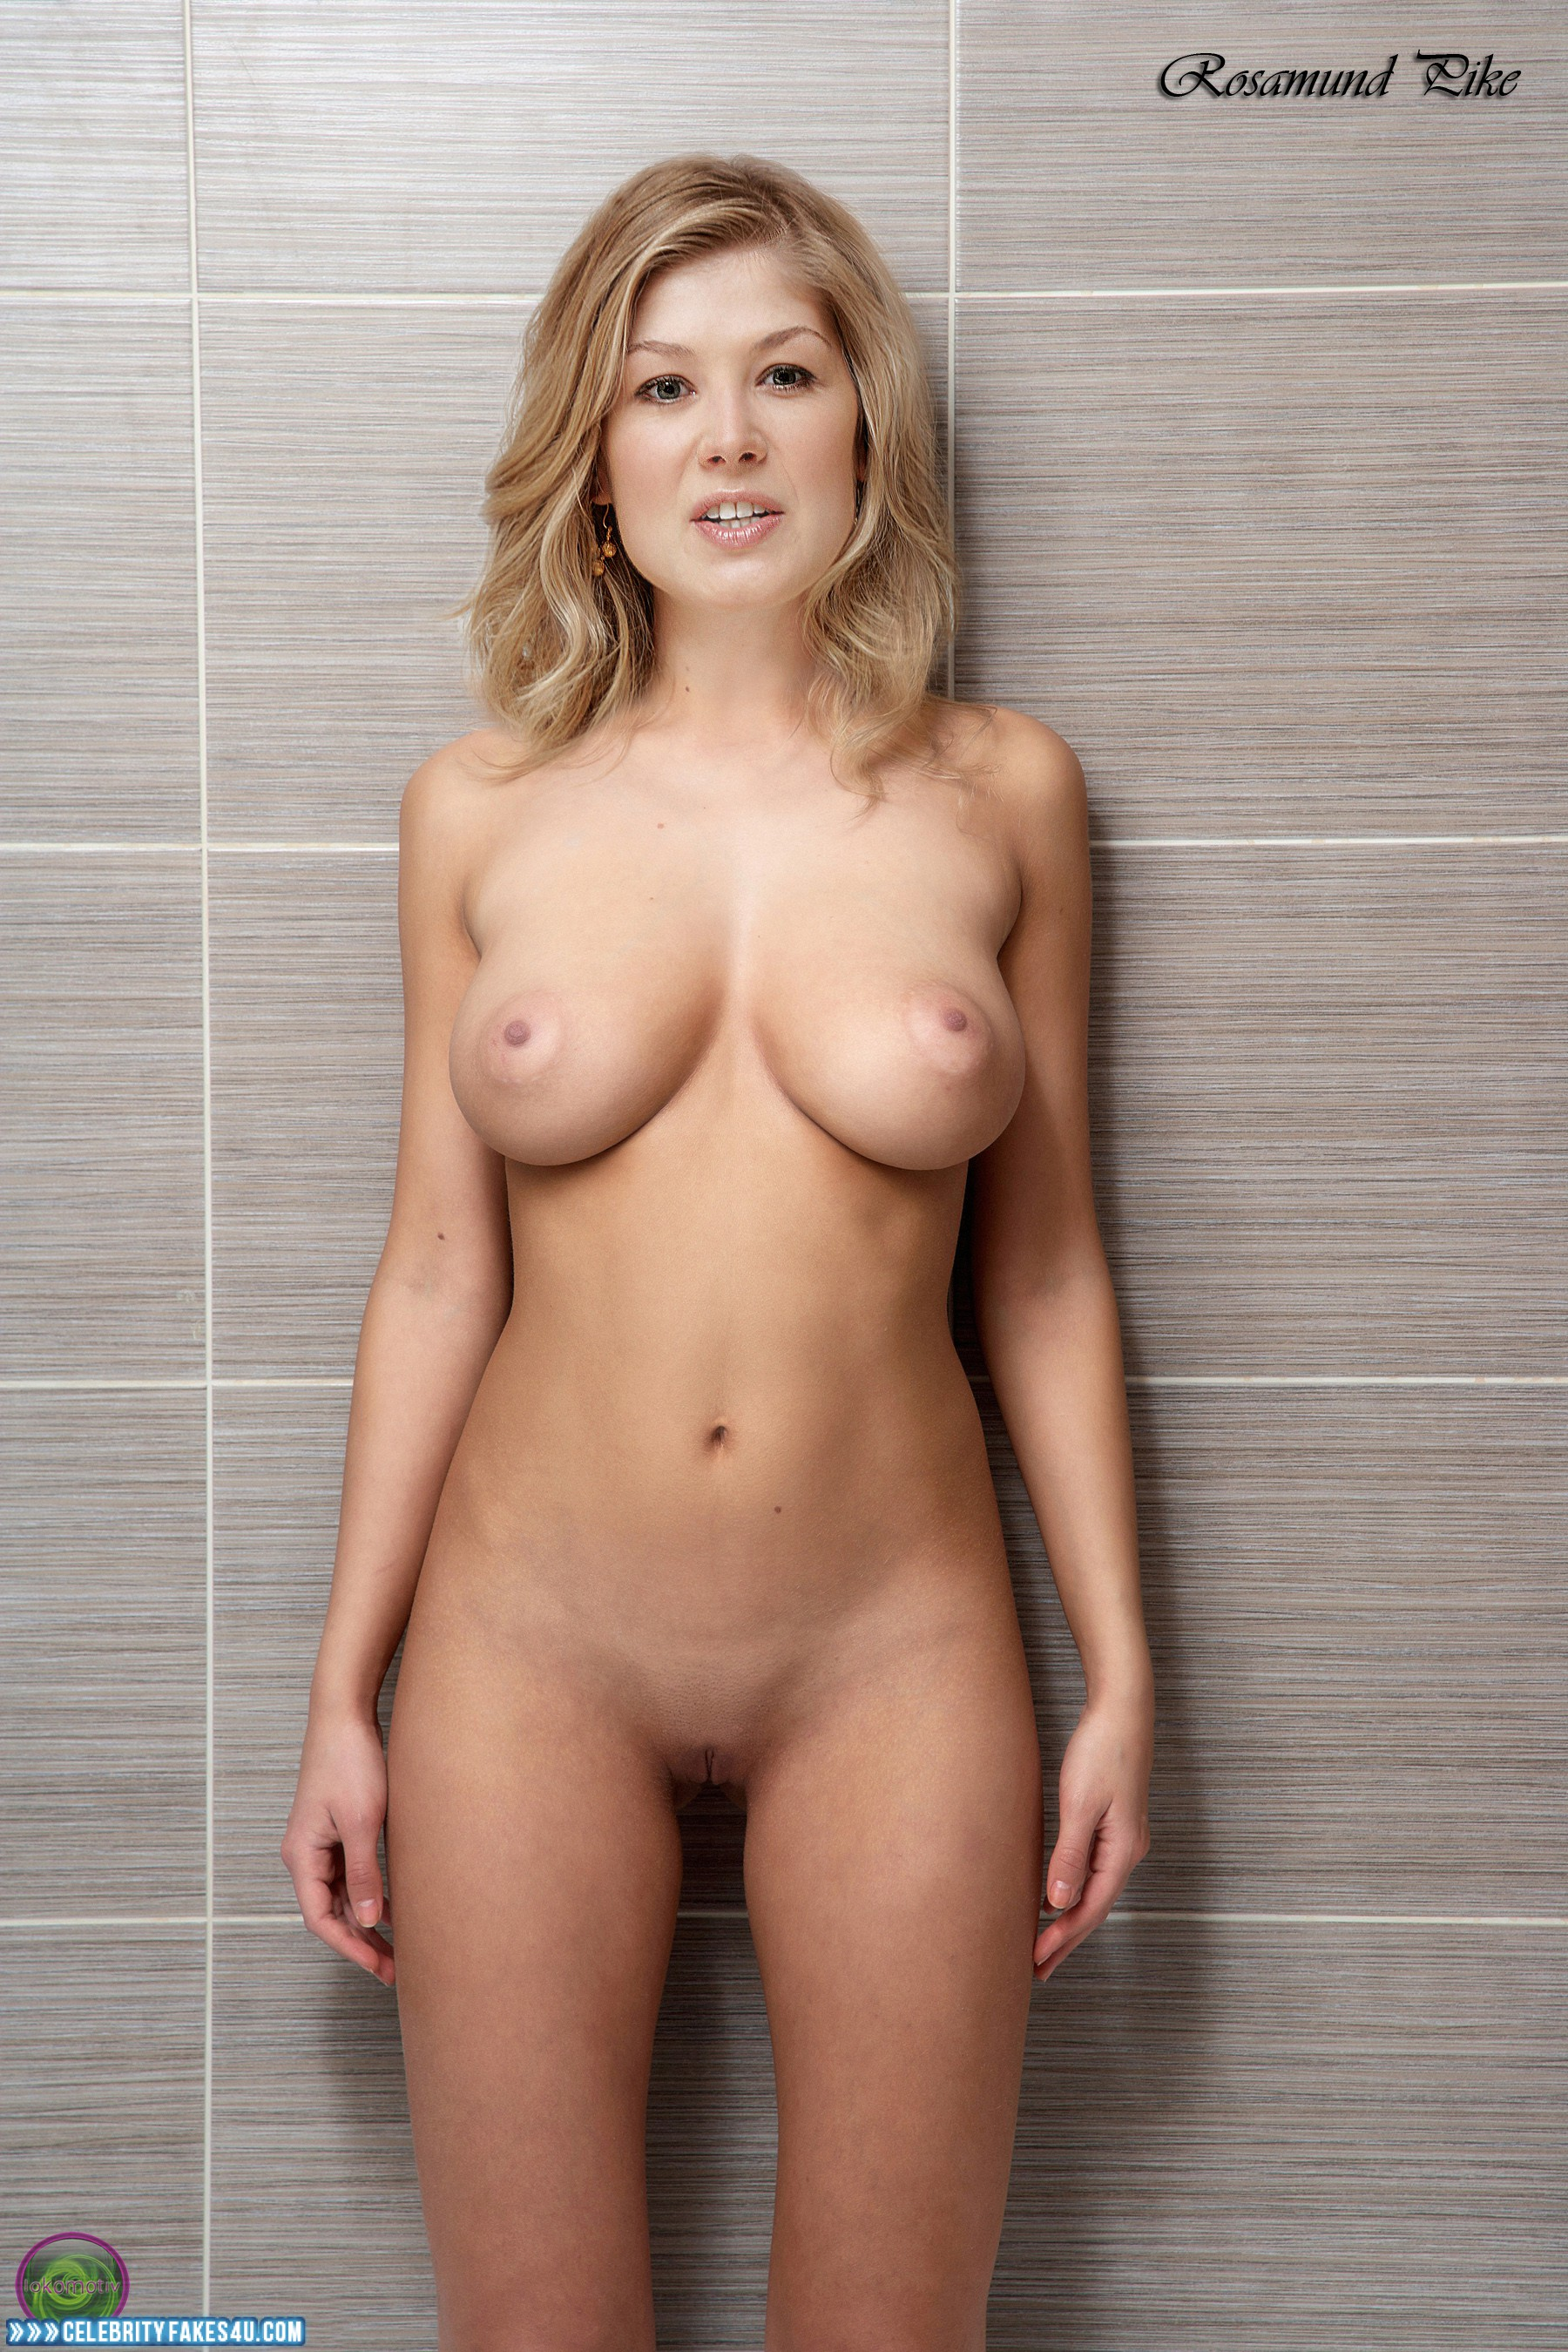 Rosamund pike porno